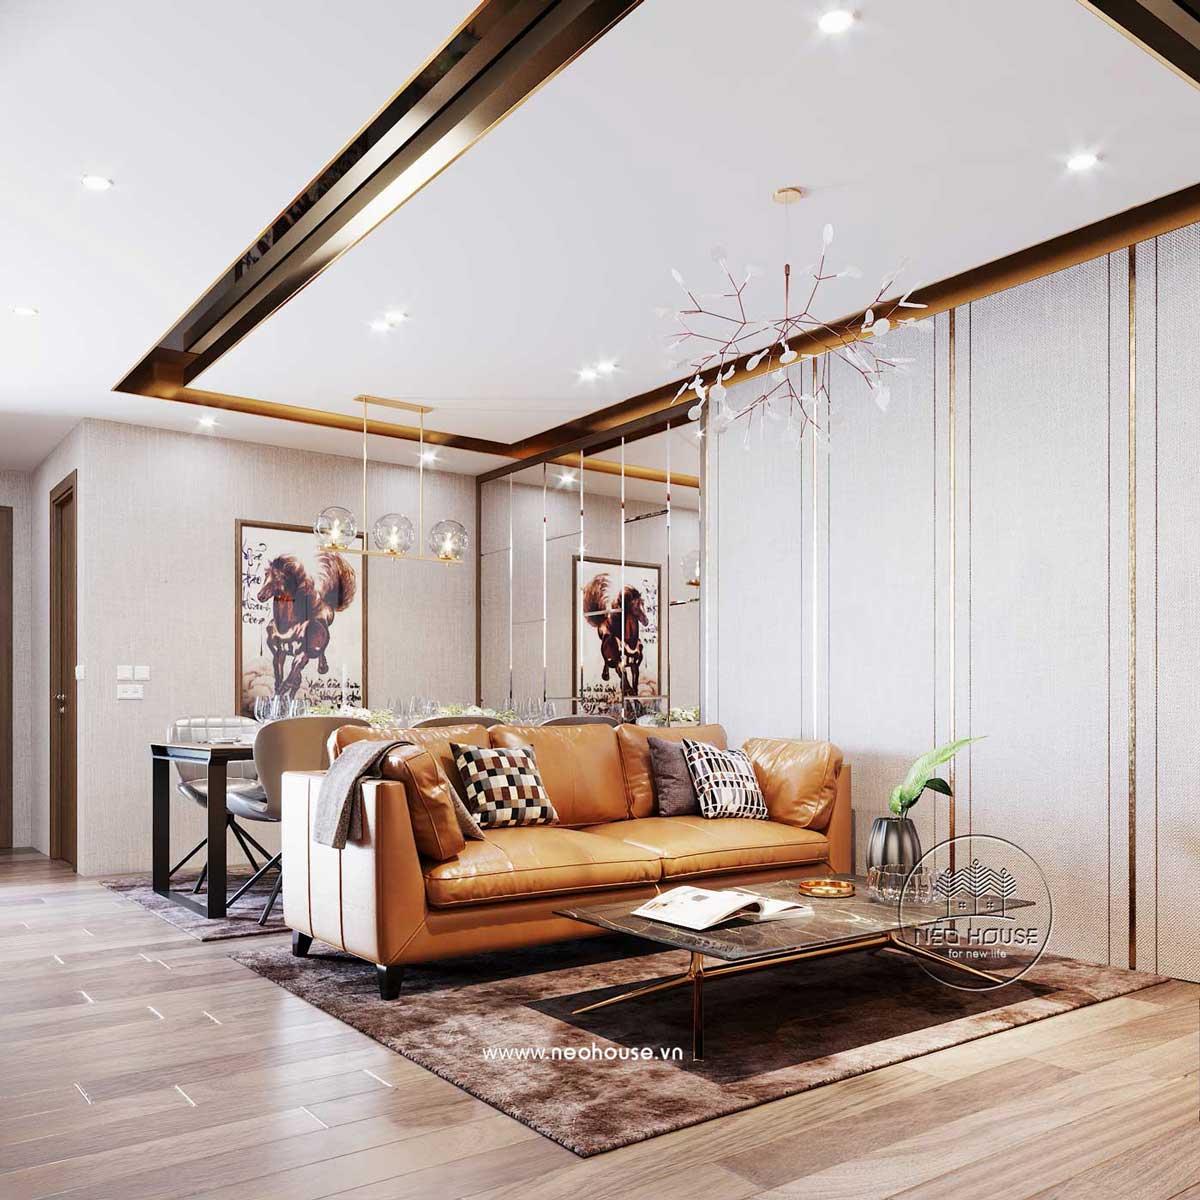 Thiết kế nội thất chung cư 80m2. Ảnh 3